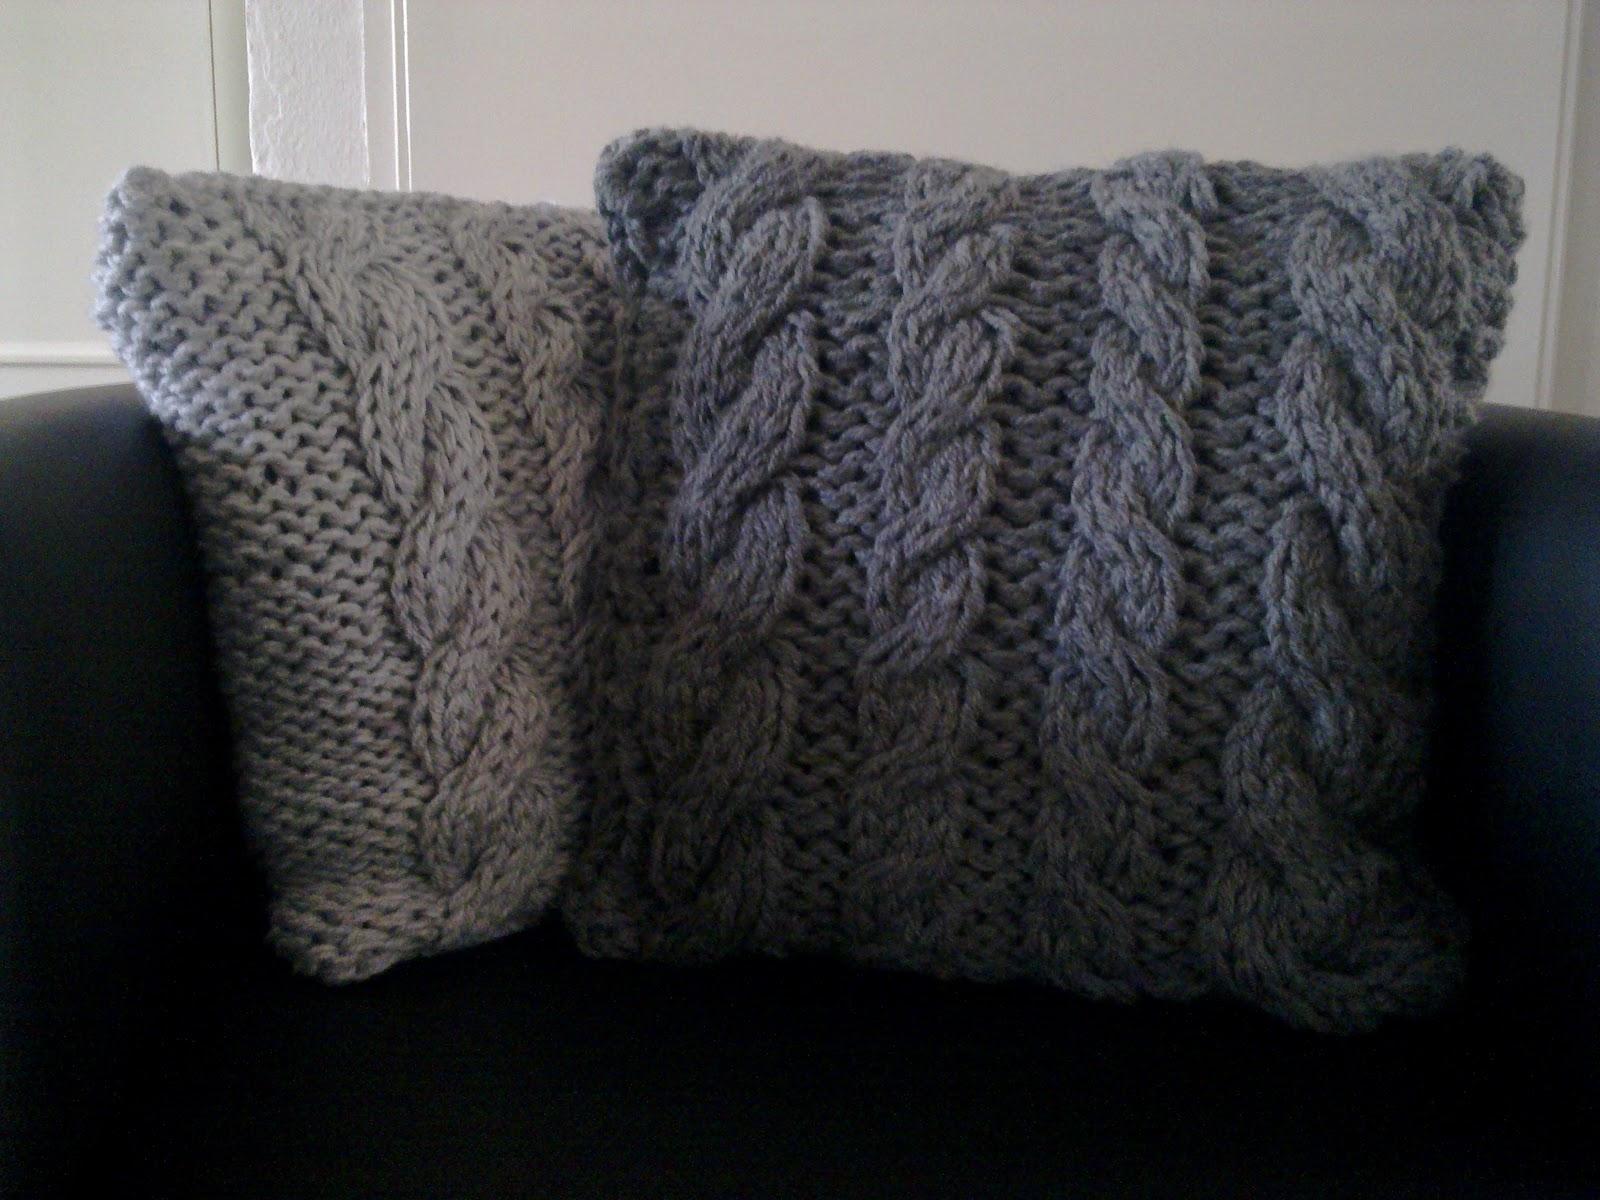 Breipatroon woonkussen kabels